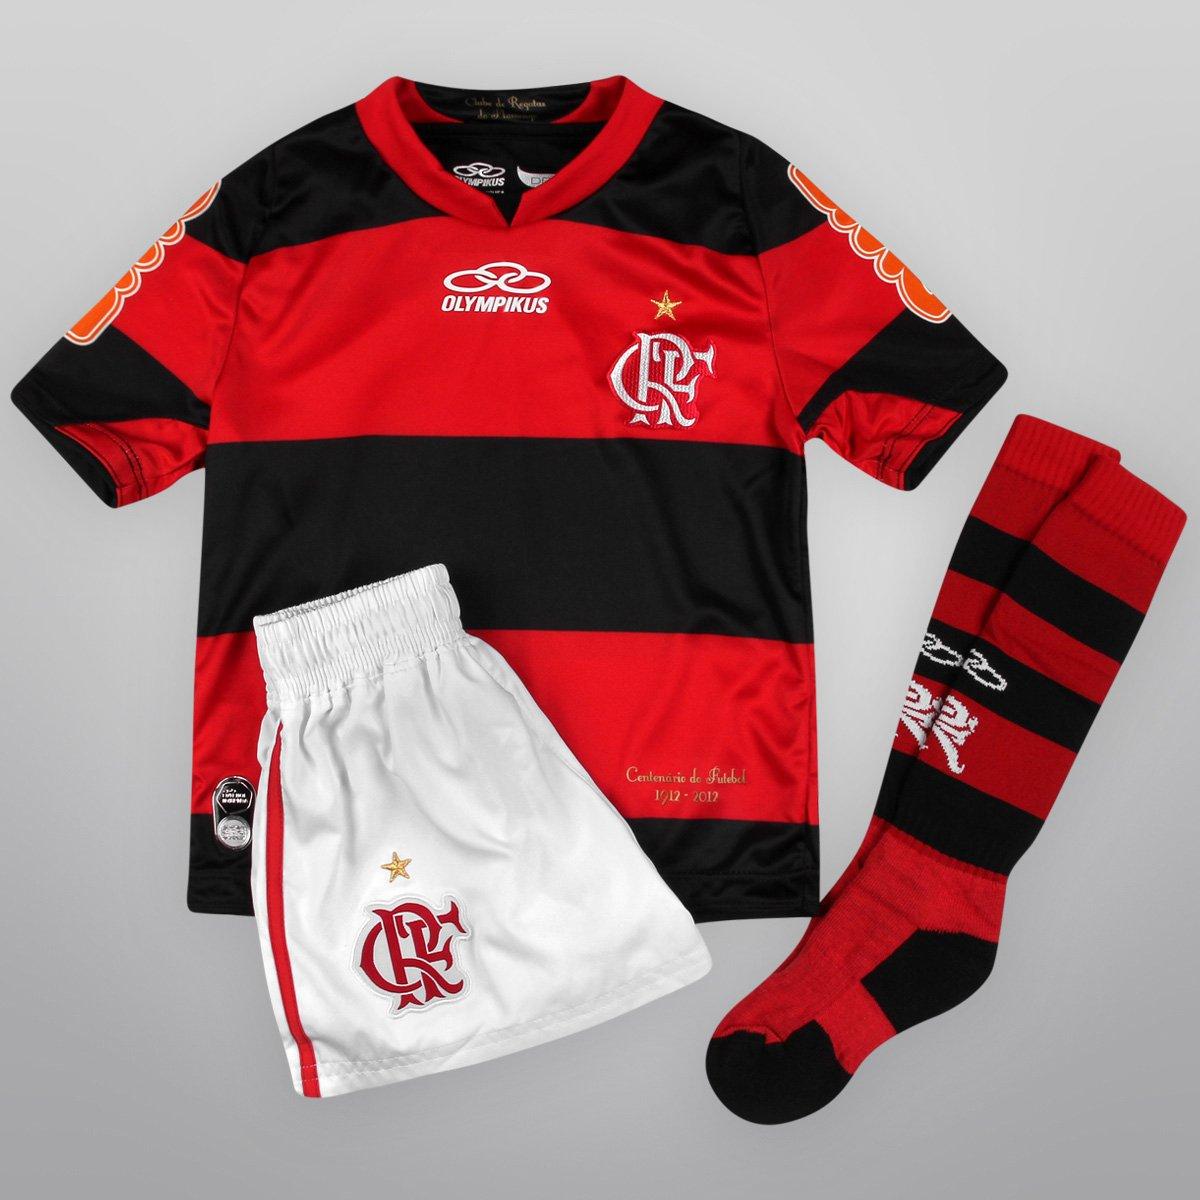 Kit Olympikus Flamengo I 2012 s nº Infantil - Compre Agora  a7e85bffe1049